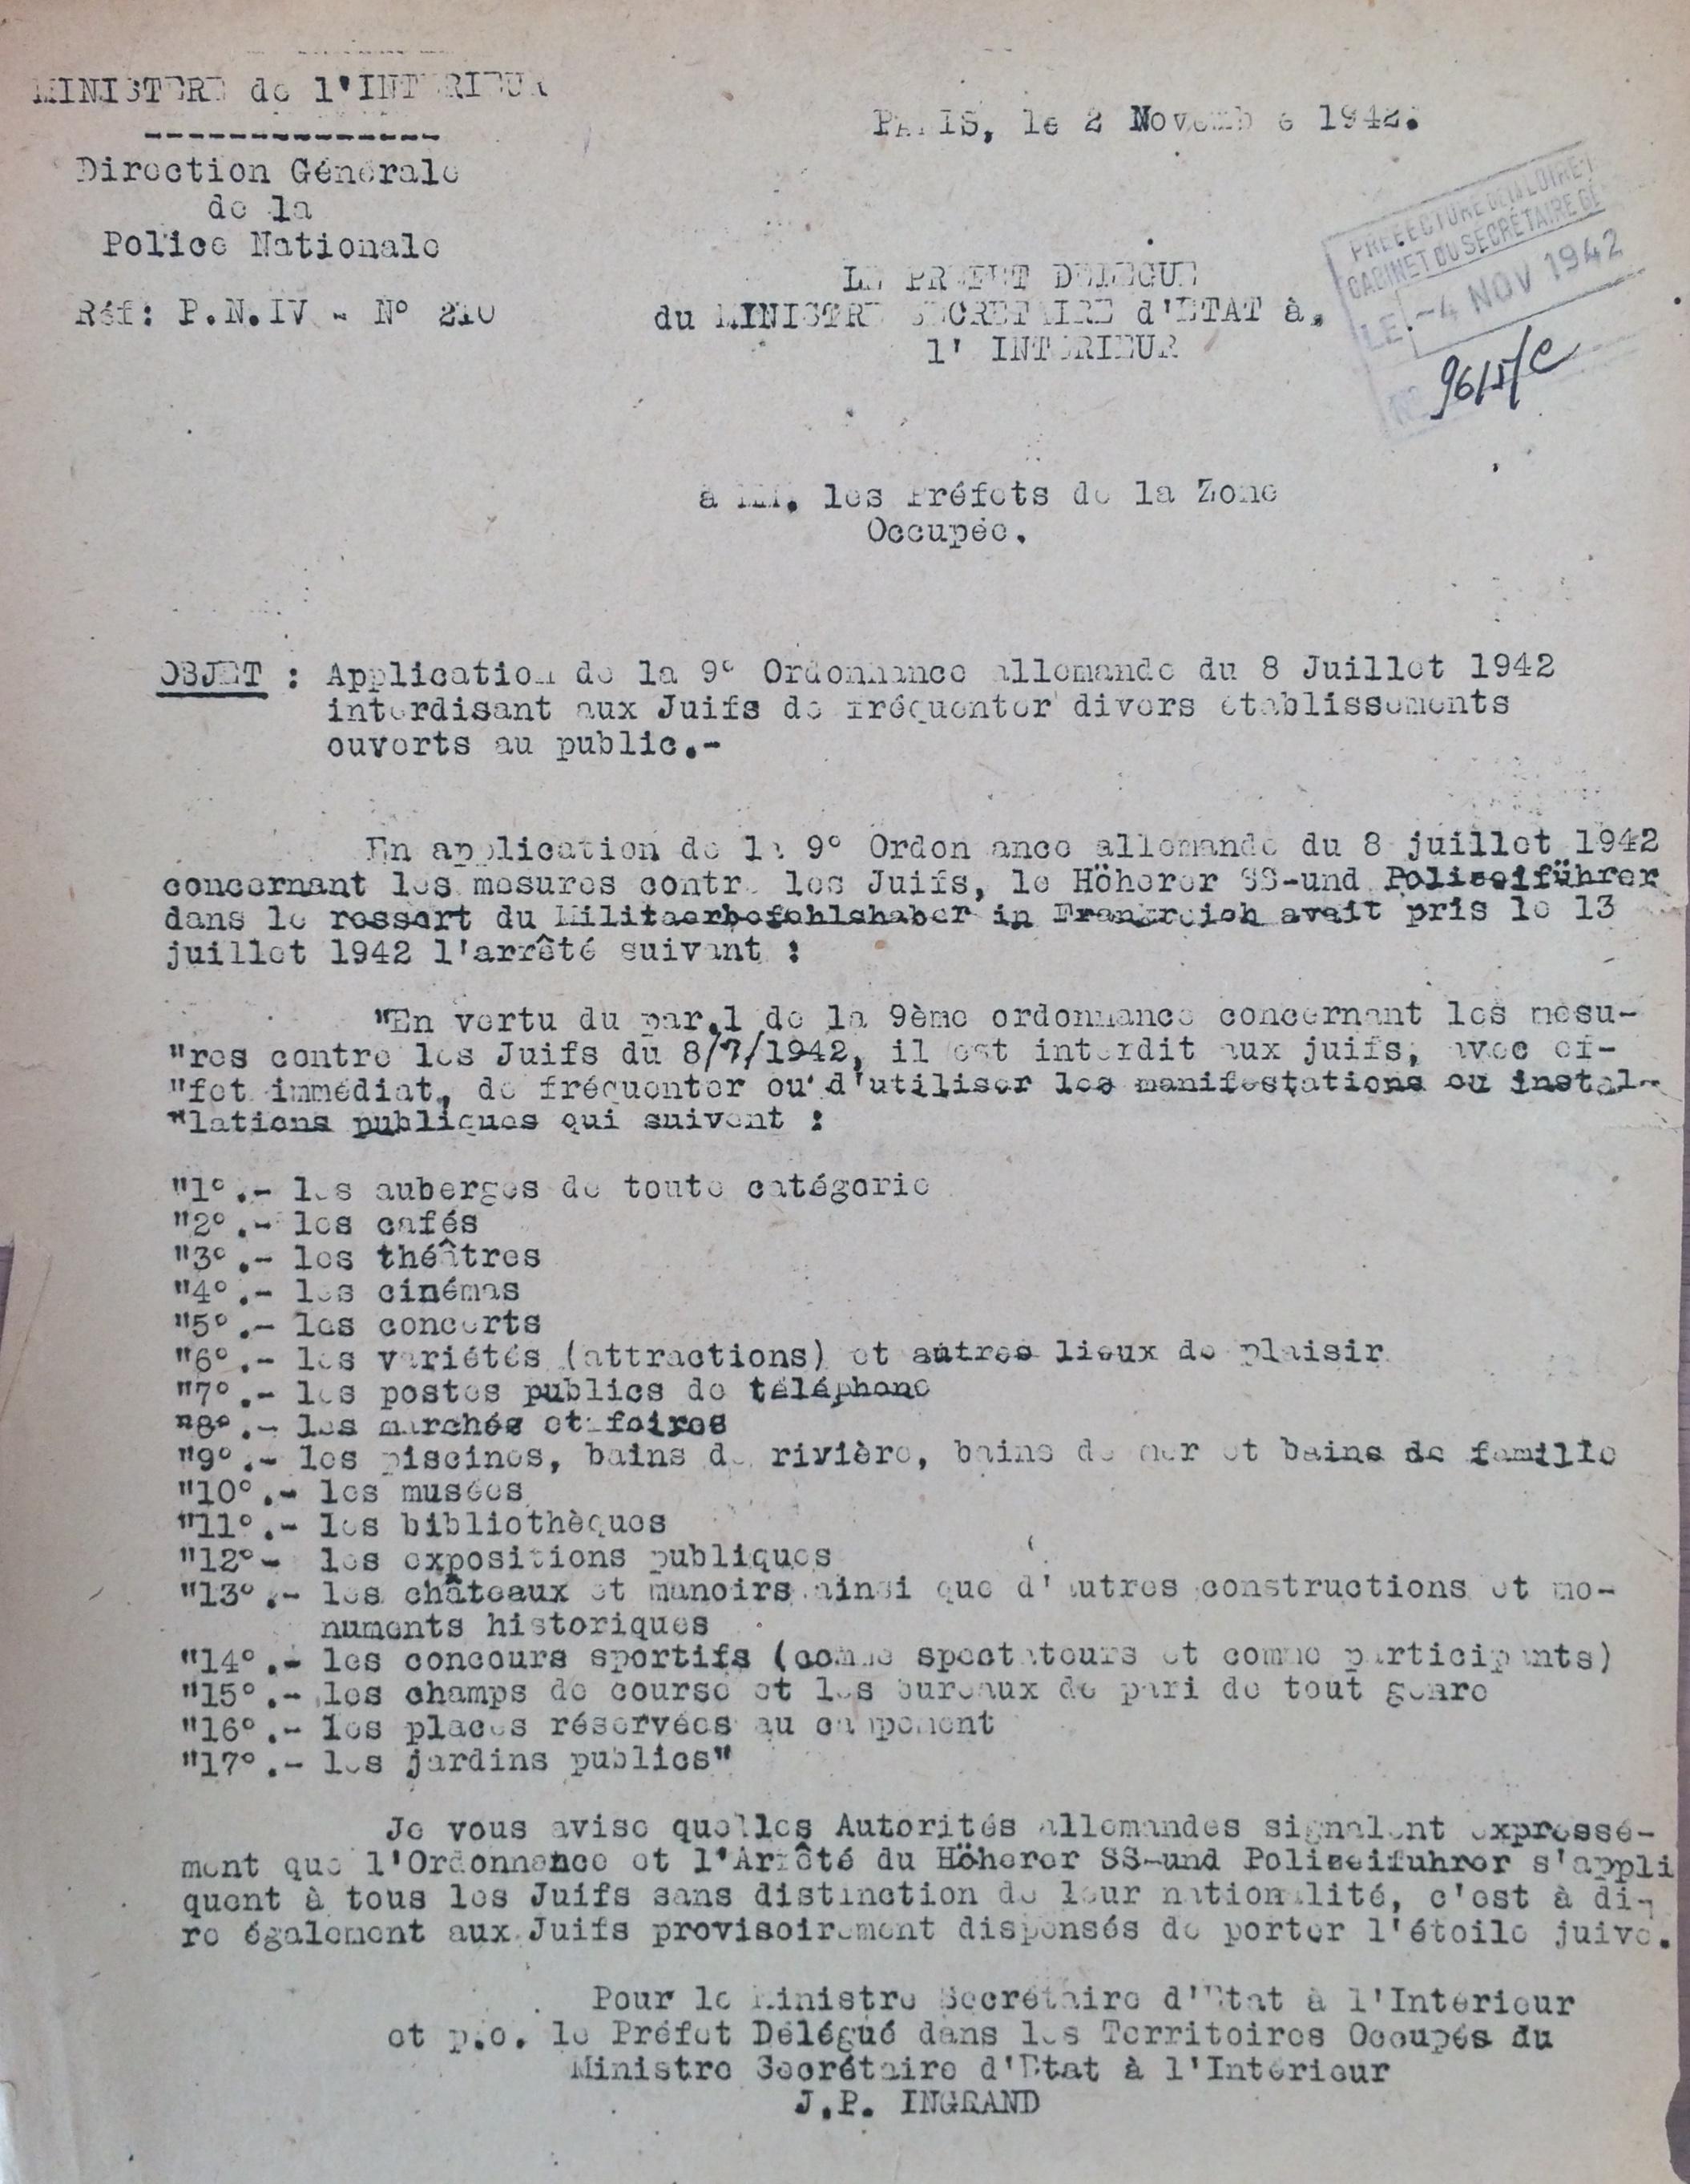 Le secrétaire d'Etat à l'Intérieur aux Préfets de la zone occupée 08 juillet 1942 [ADLA 1694W20]